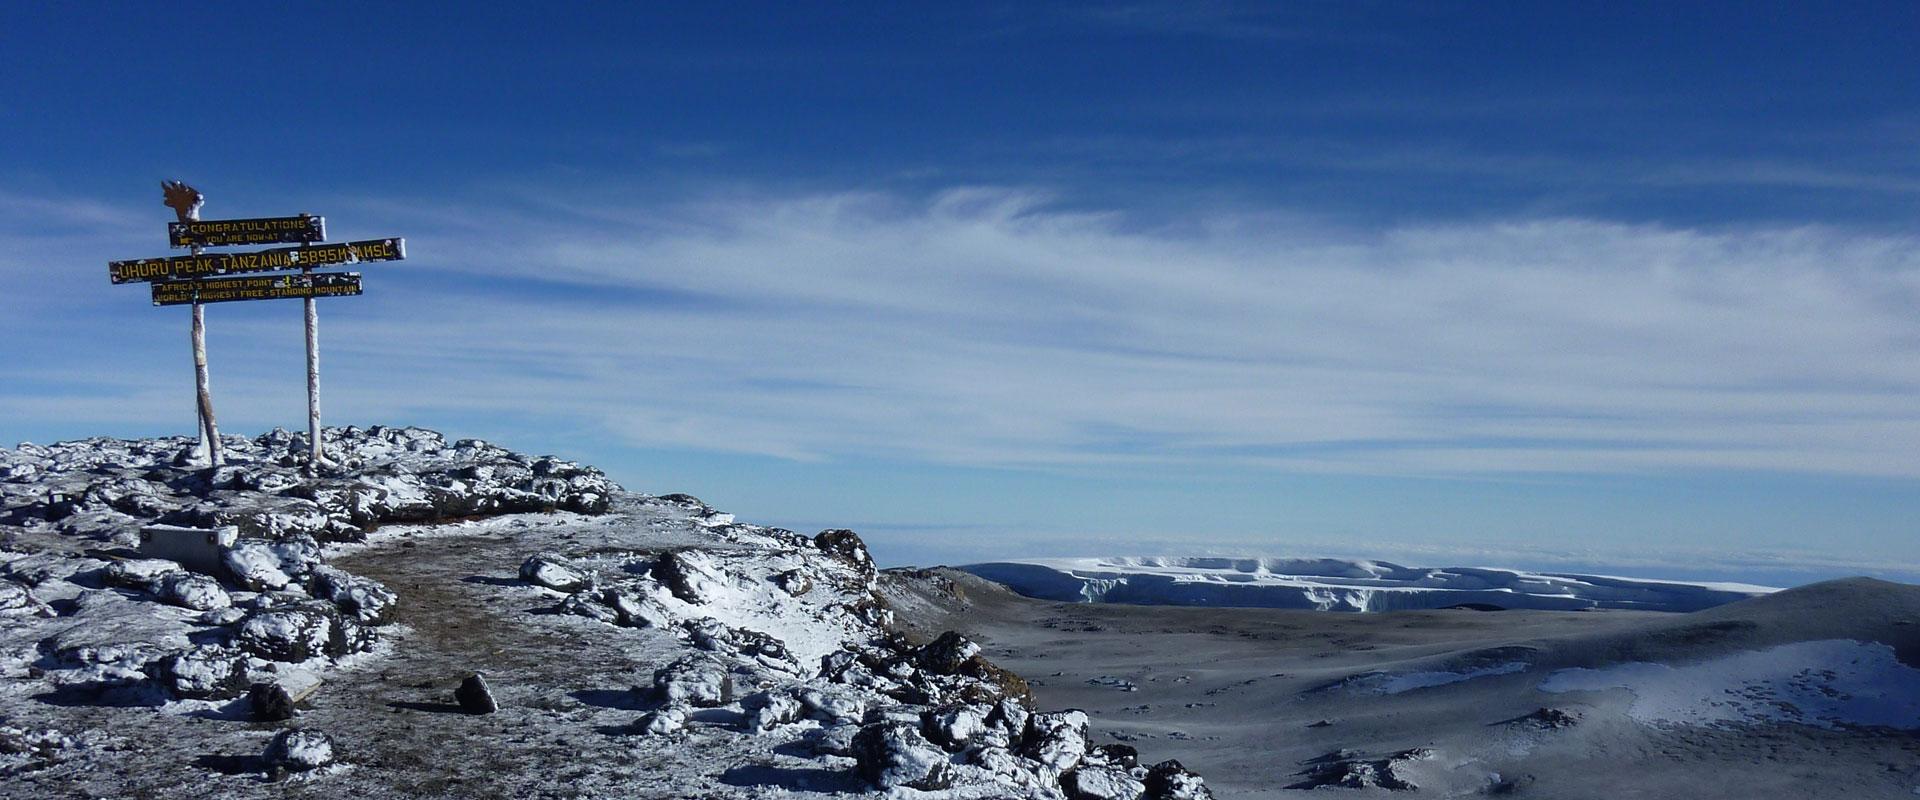 Kilimanjaro Booking Information